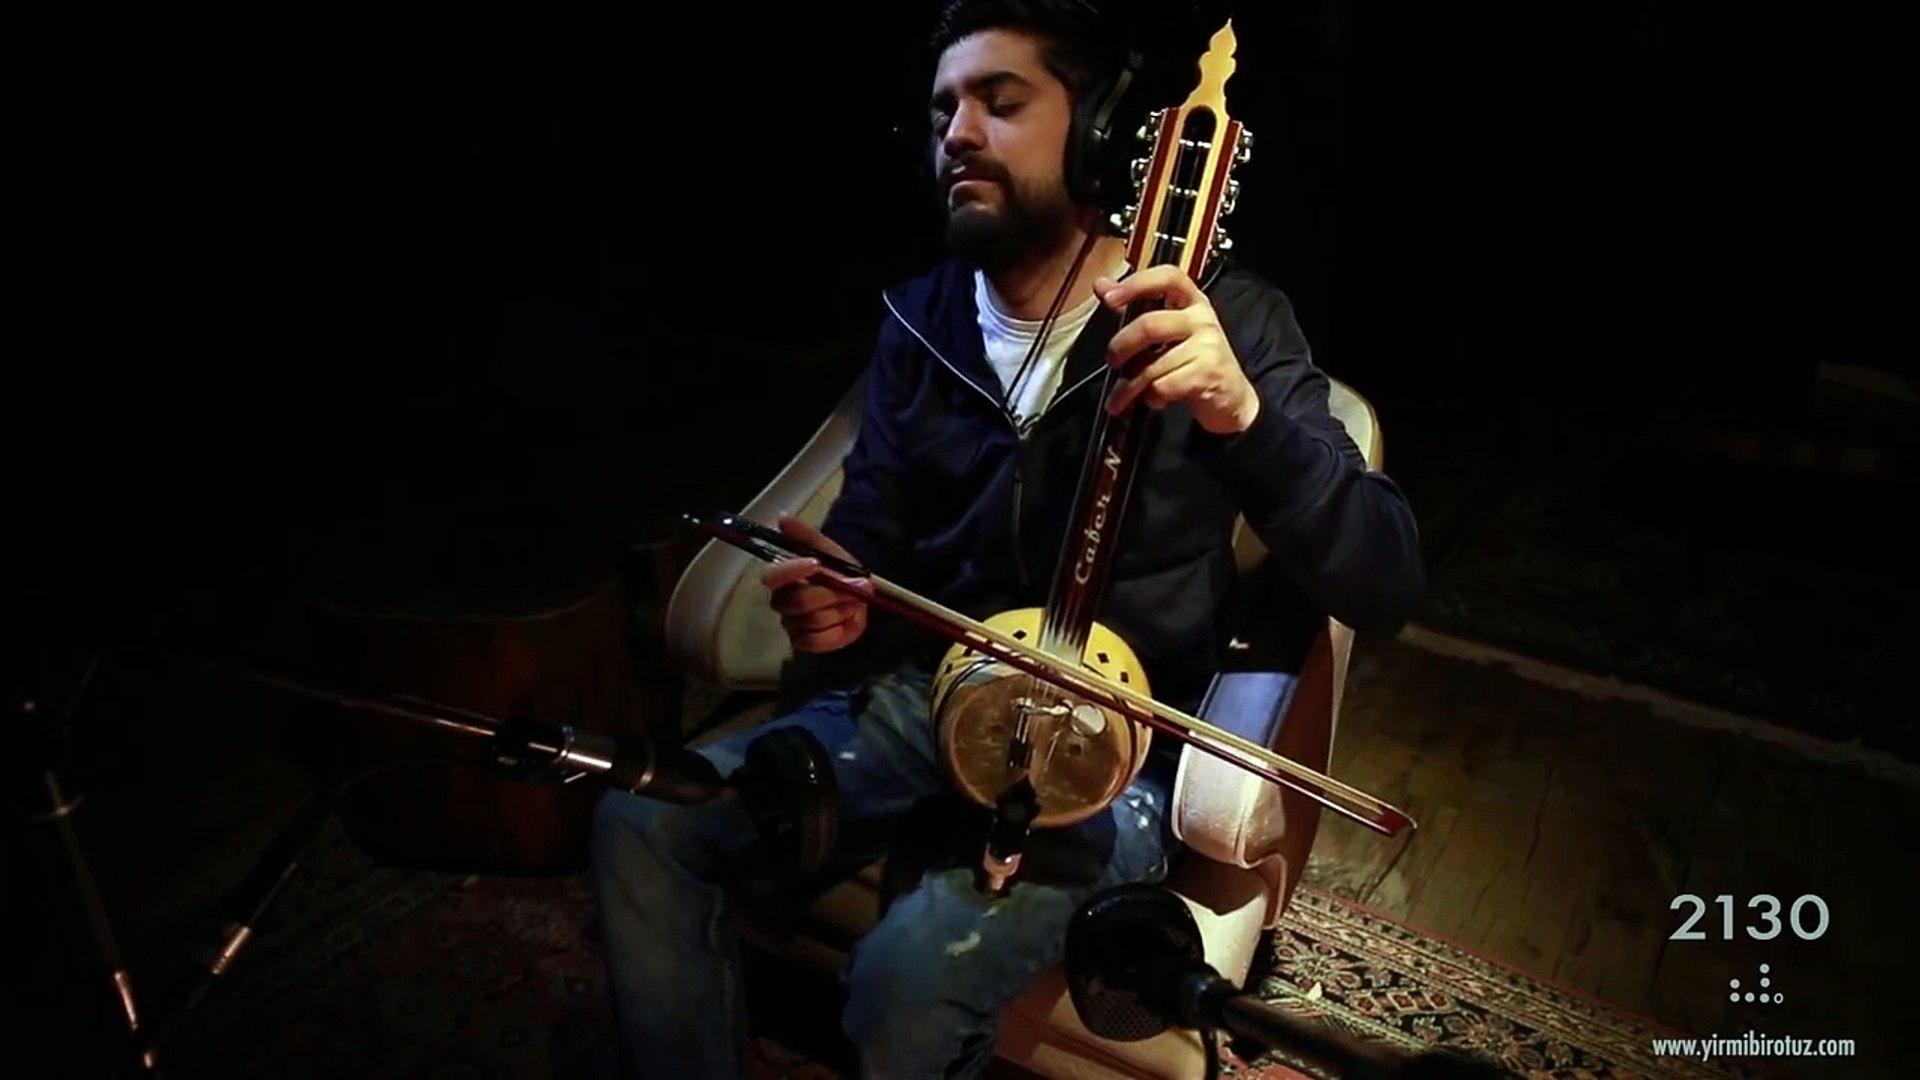 تحميل موسيقى تركية جميلة